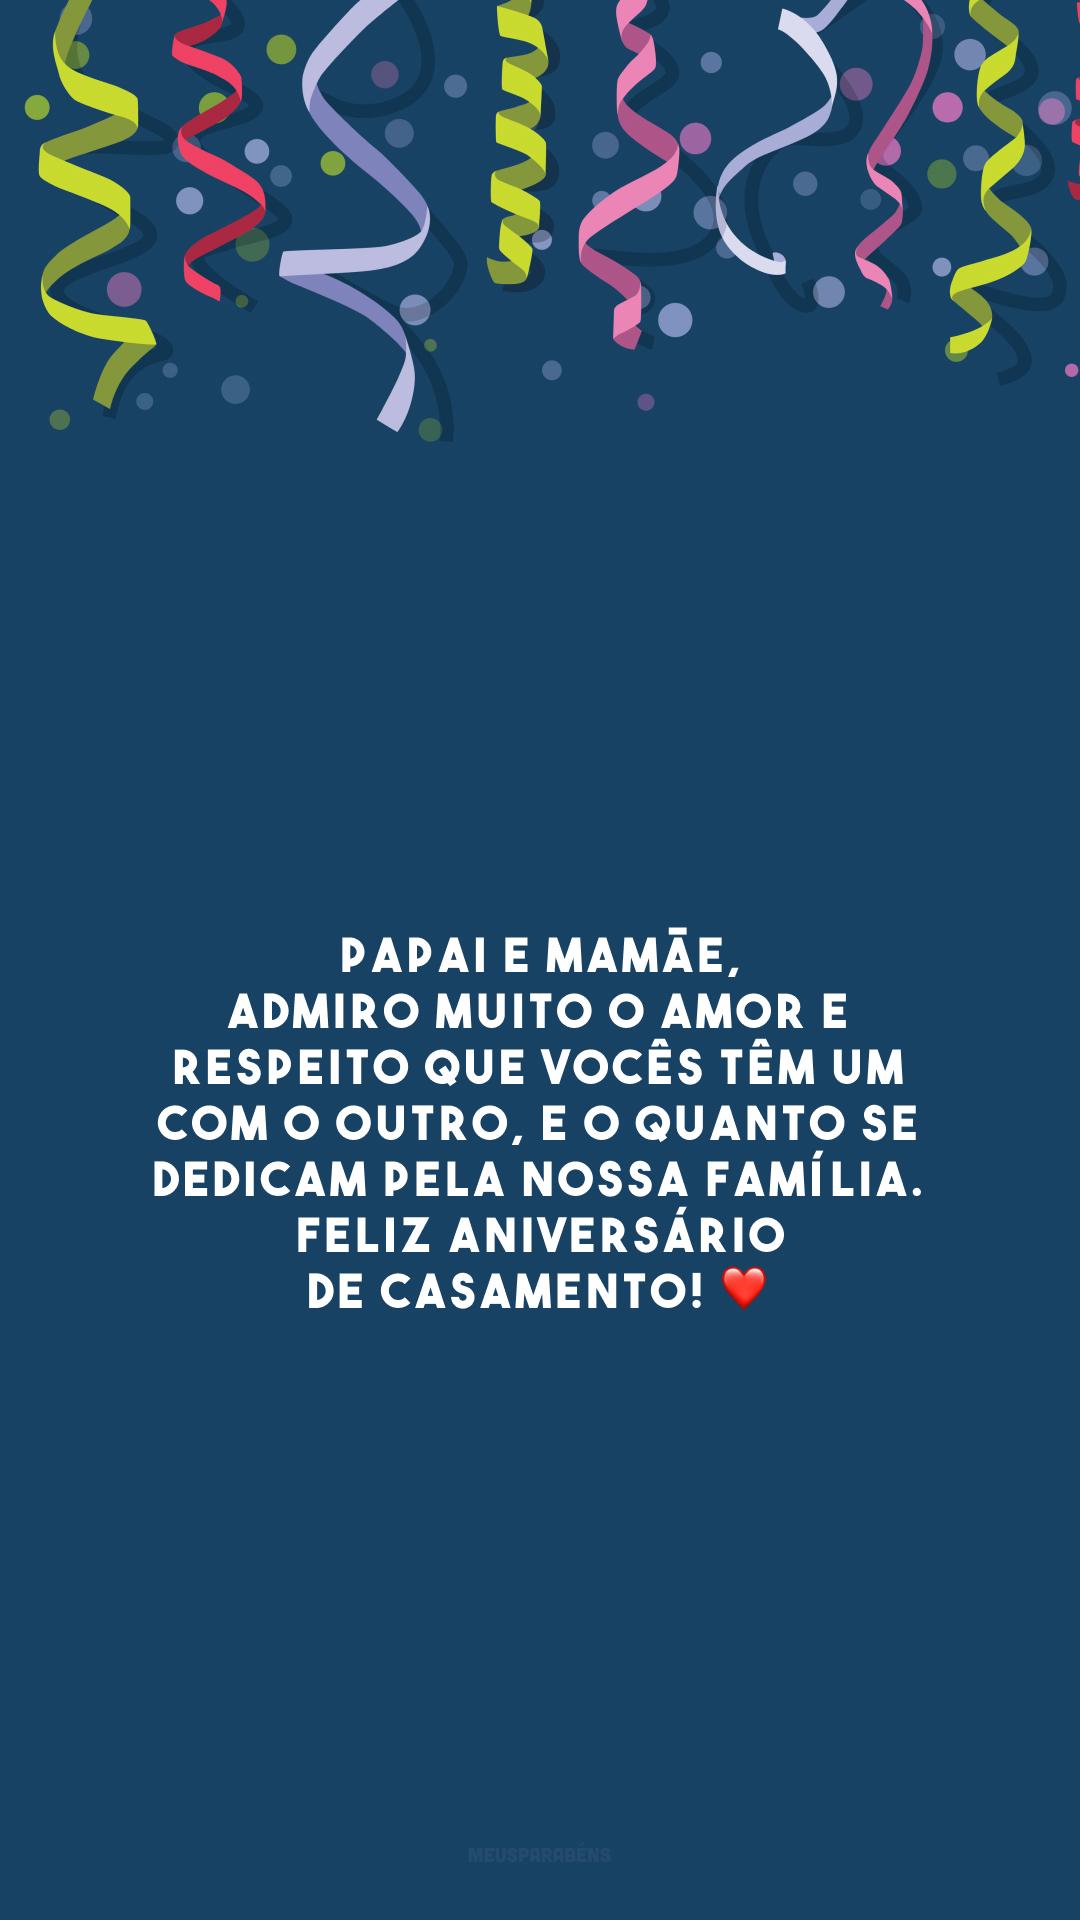 Papai e mamãe, admiro muito o amor e respeito que vocês têm um com o outro, e o quanto se dedicam pela nossa família. Feliz aniversário de casamento! ❤️